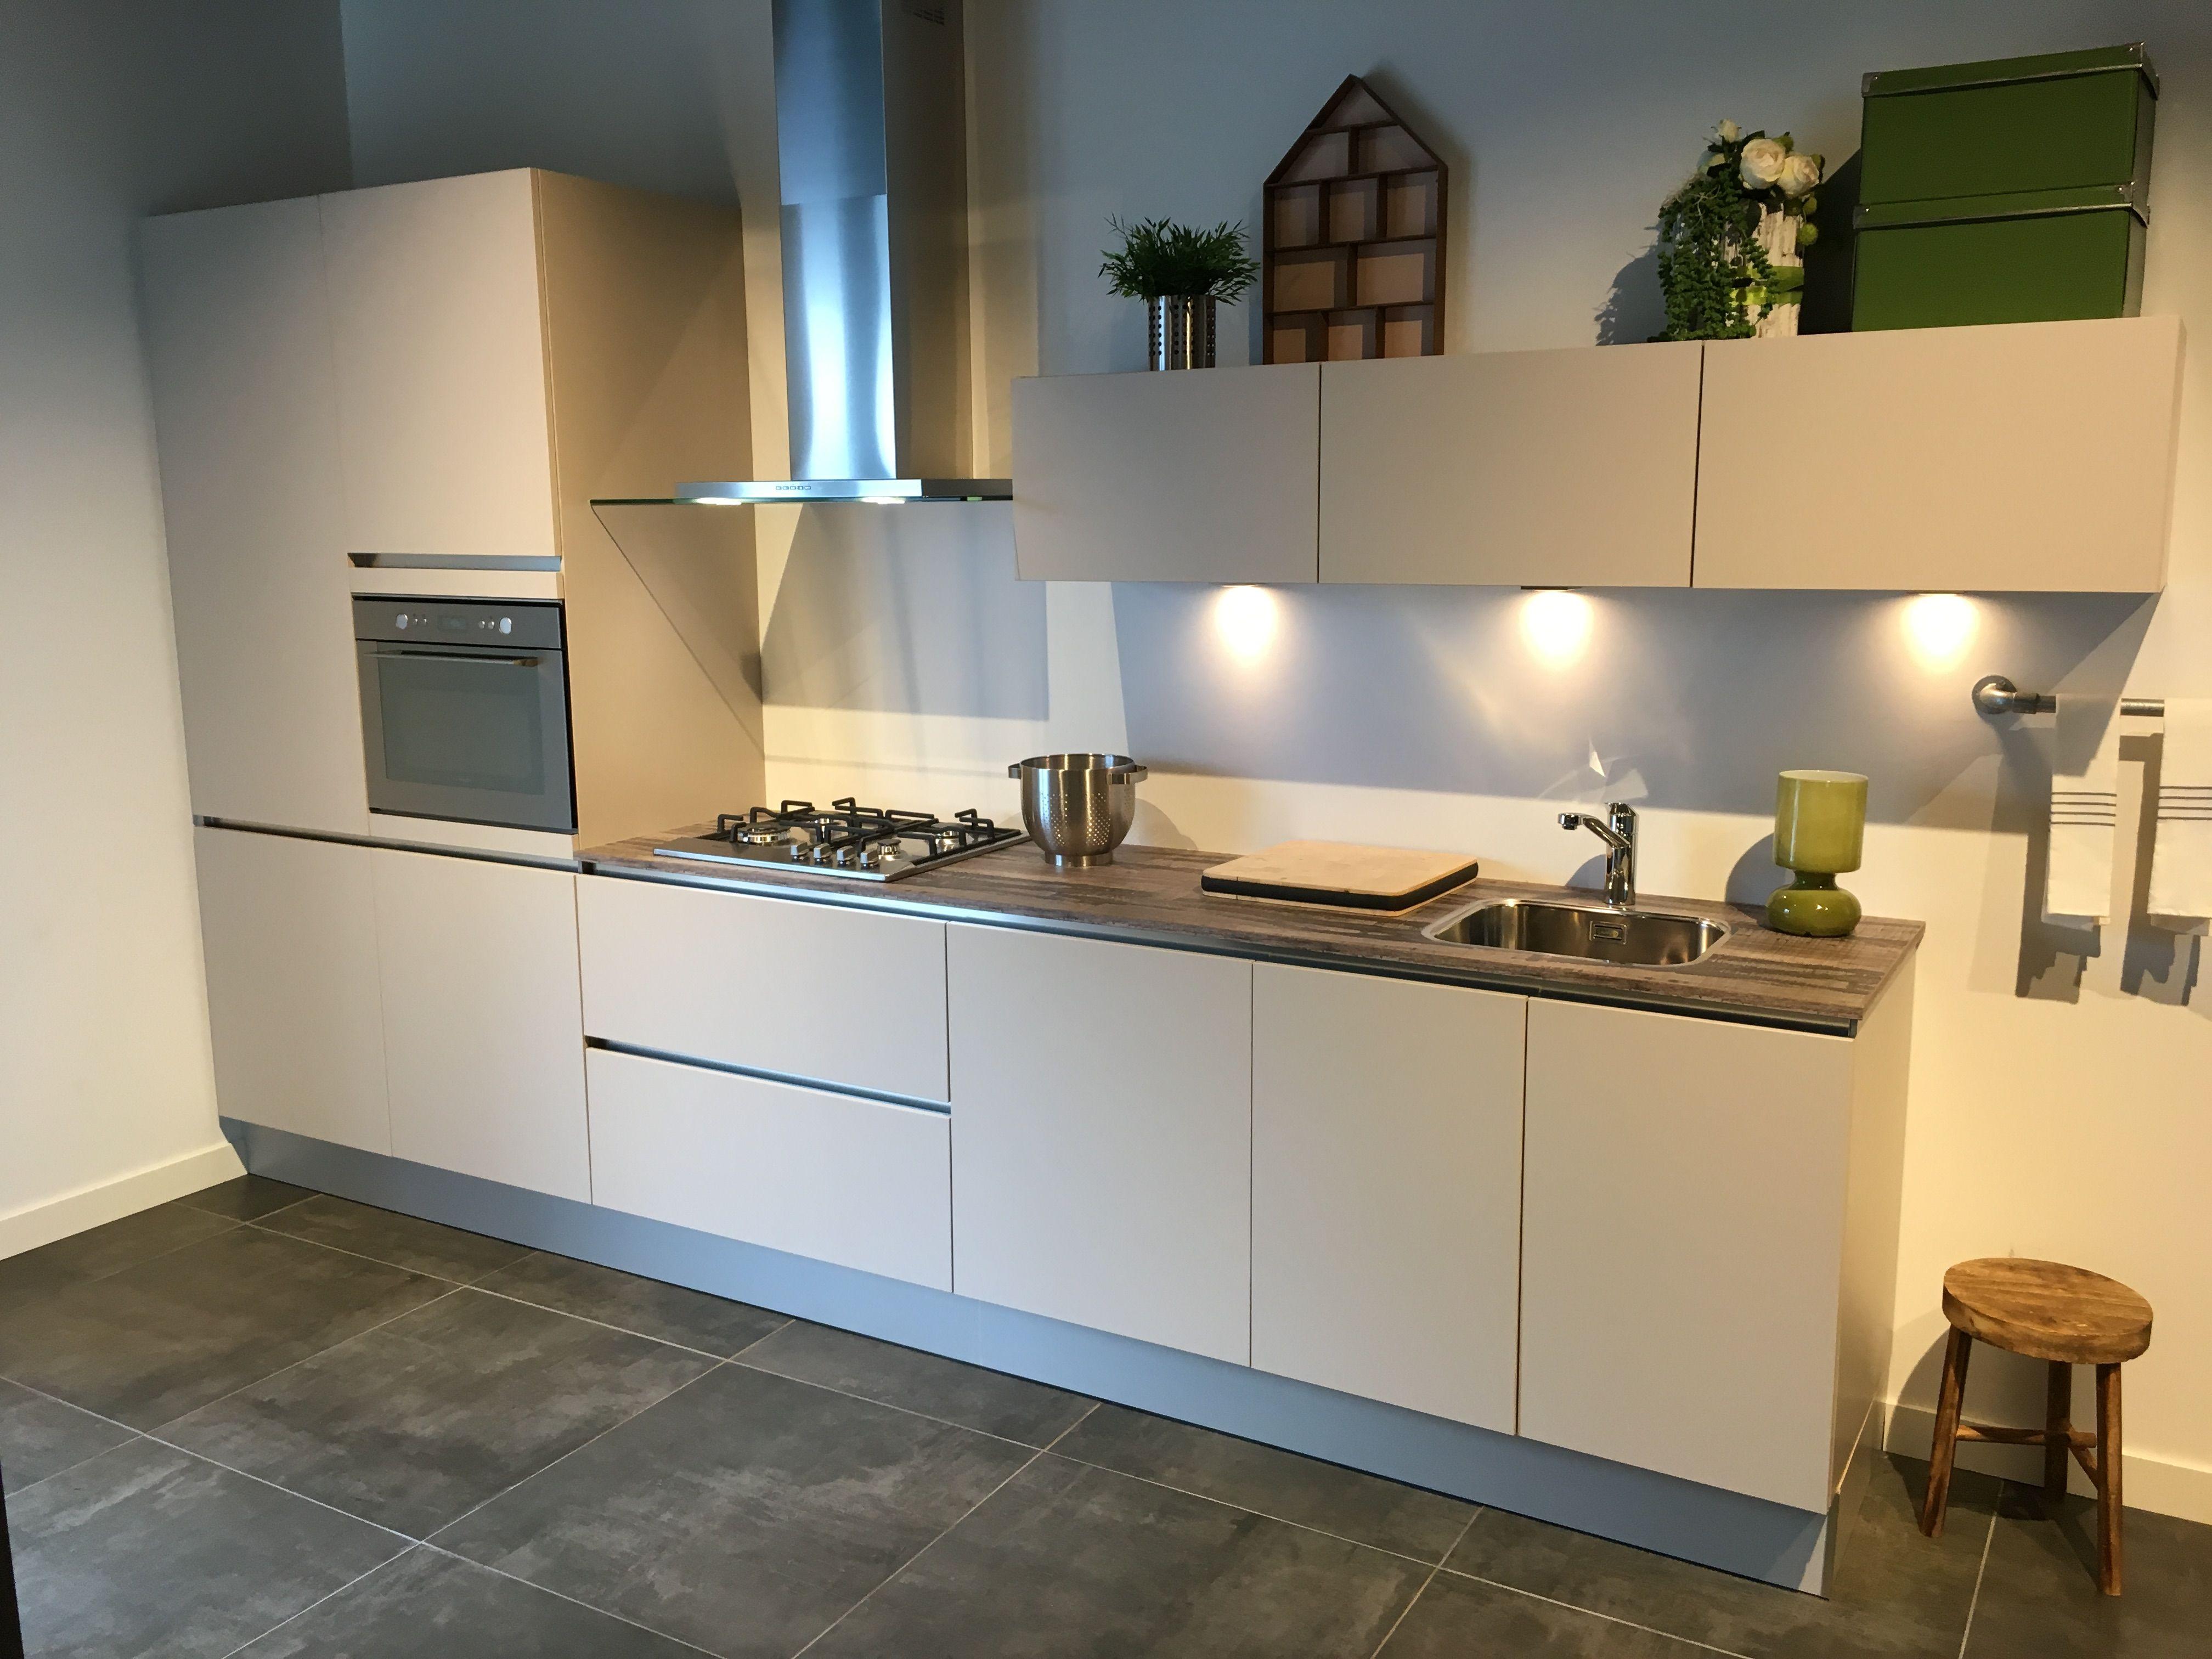 Goedkope Rechte Keukens : Goedkope showroomkeukens moderne rechte keuken cm